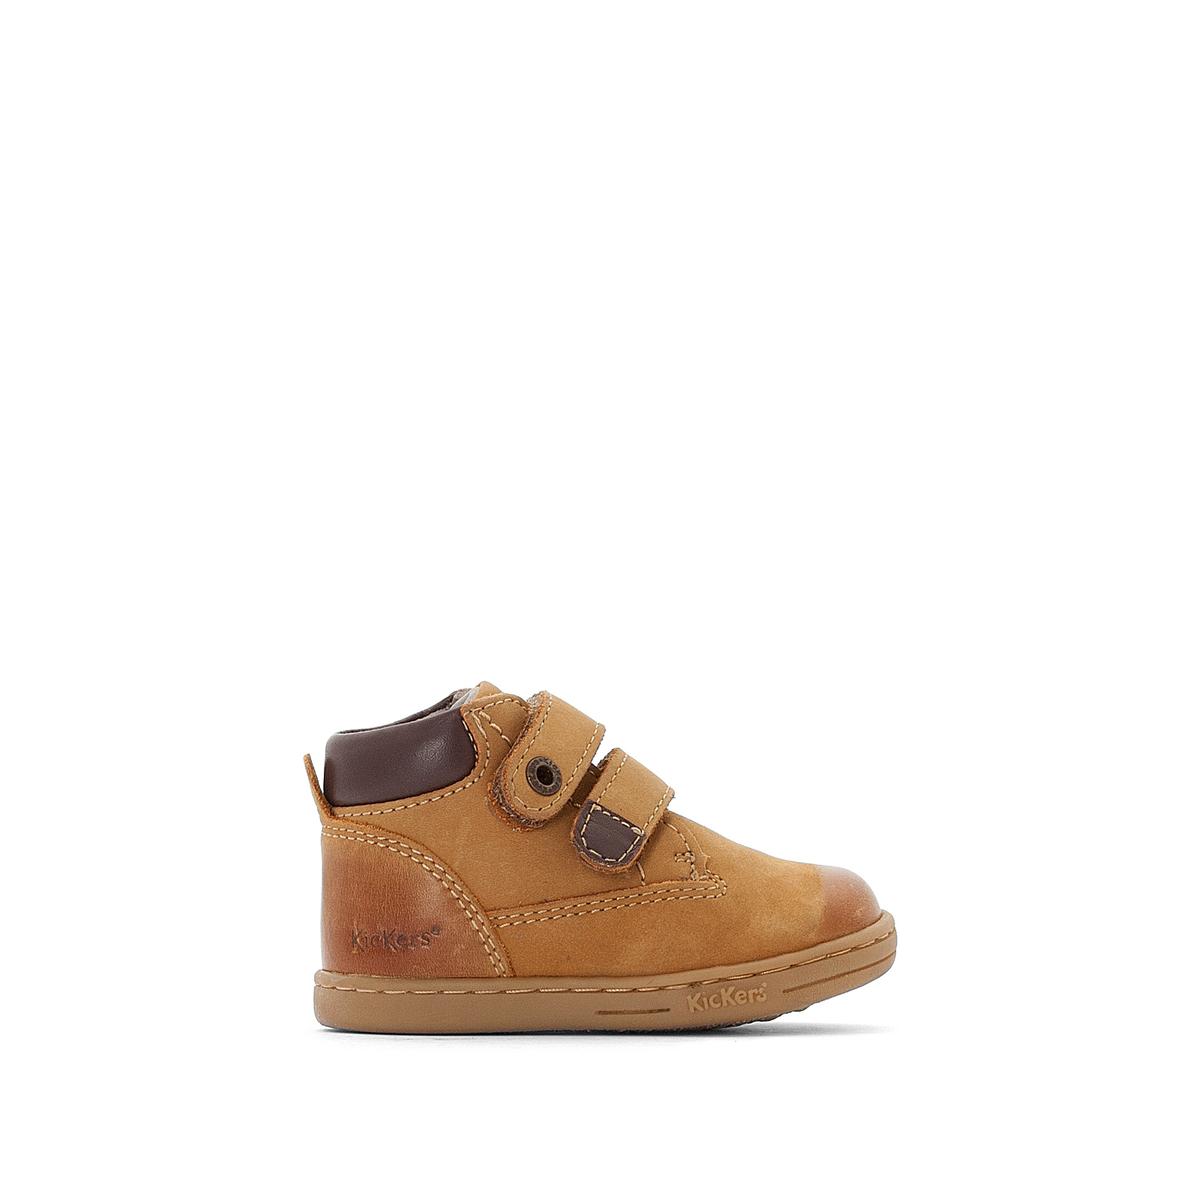 Boots pelle con patte a strappo Tackeasy